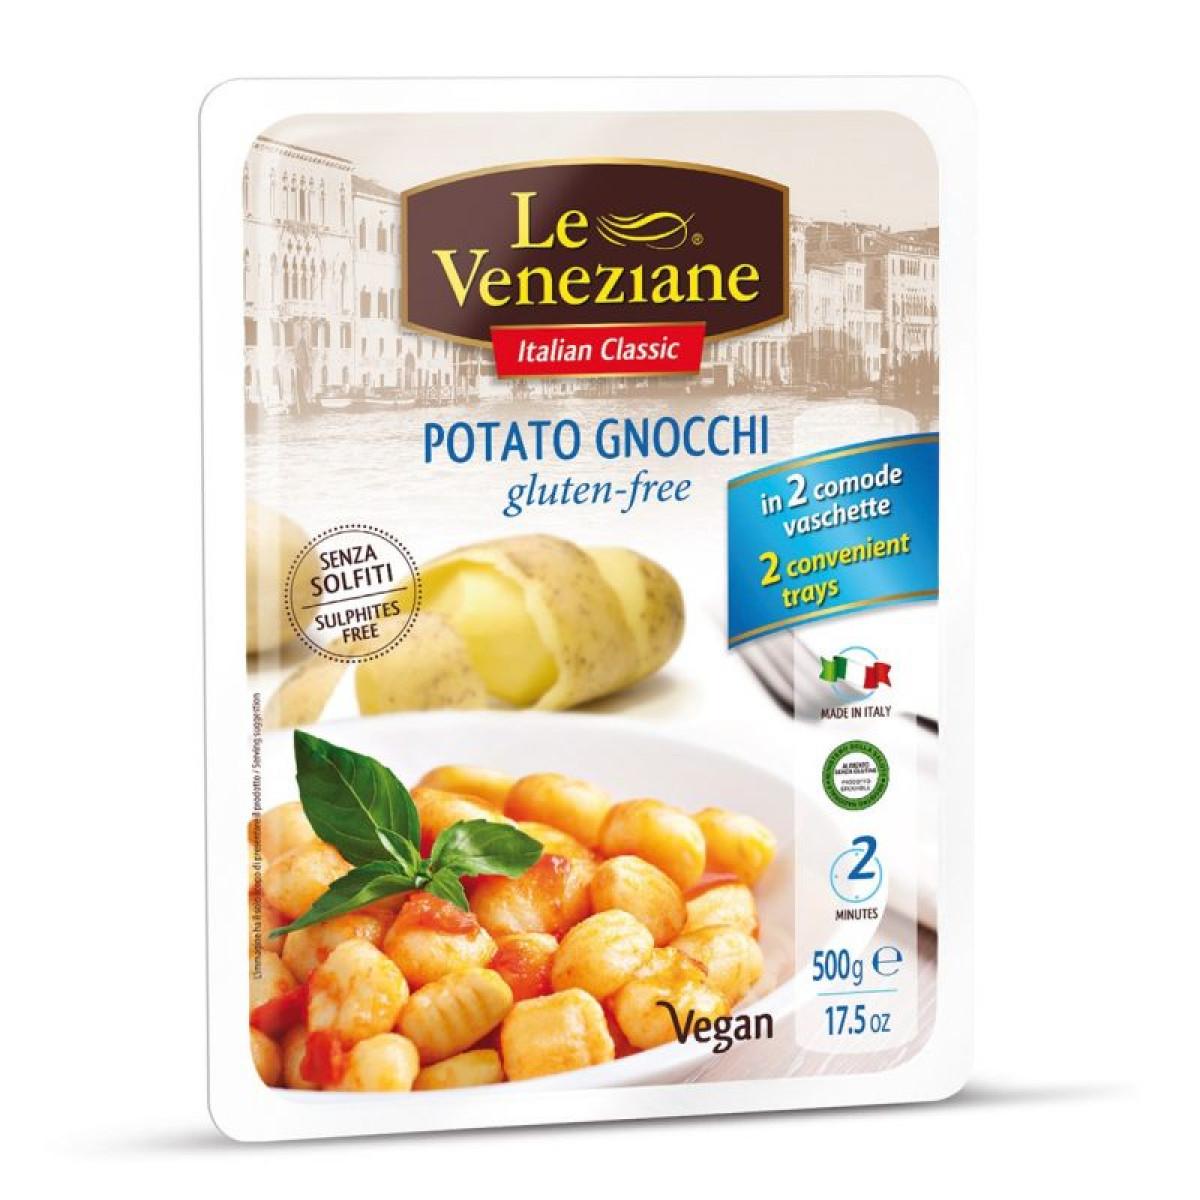 Gnocchi Potato